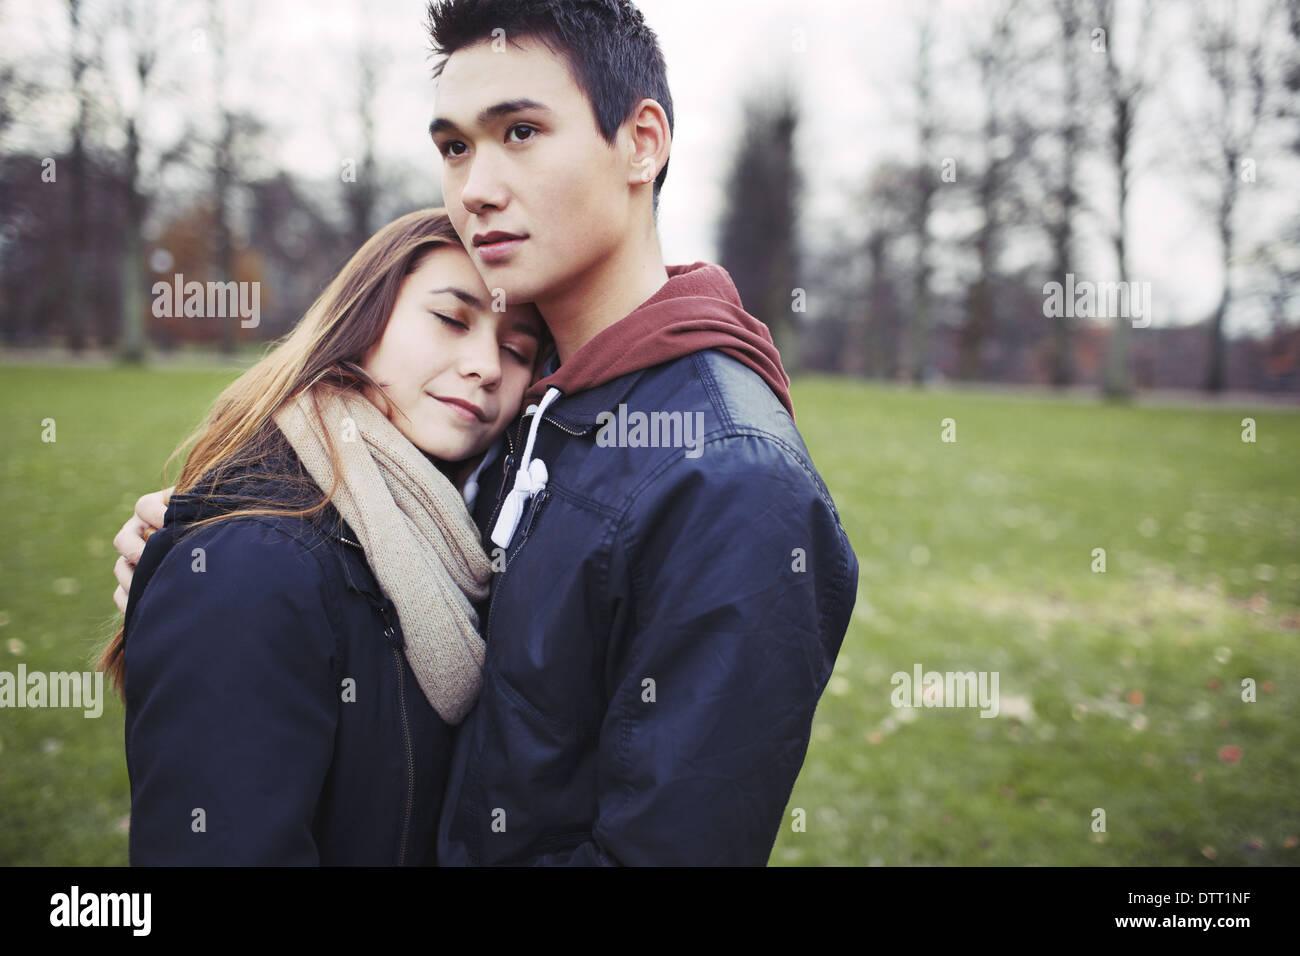 Liebevolle Teenager-paar umarmt im Freien. Junger Mann und Frau in der Liebe im Park. Exemplar. Stockbild